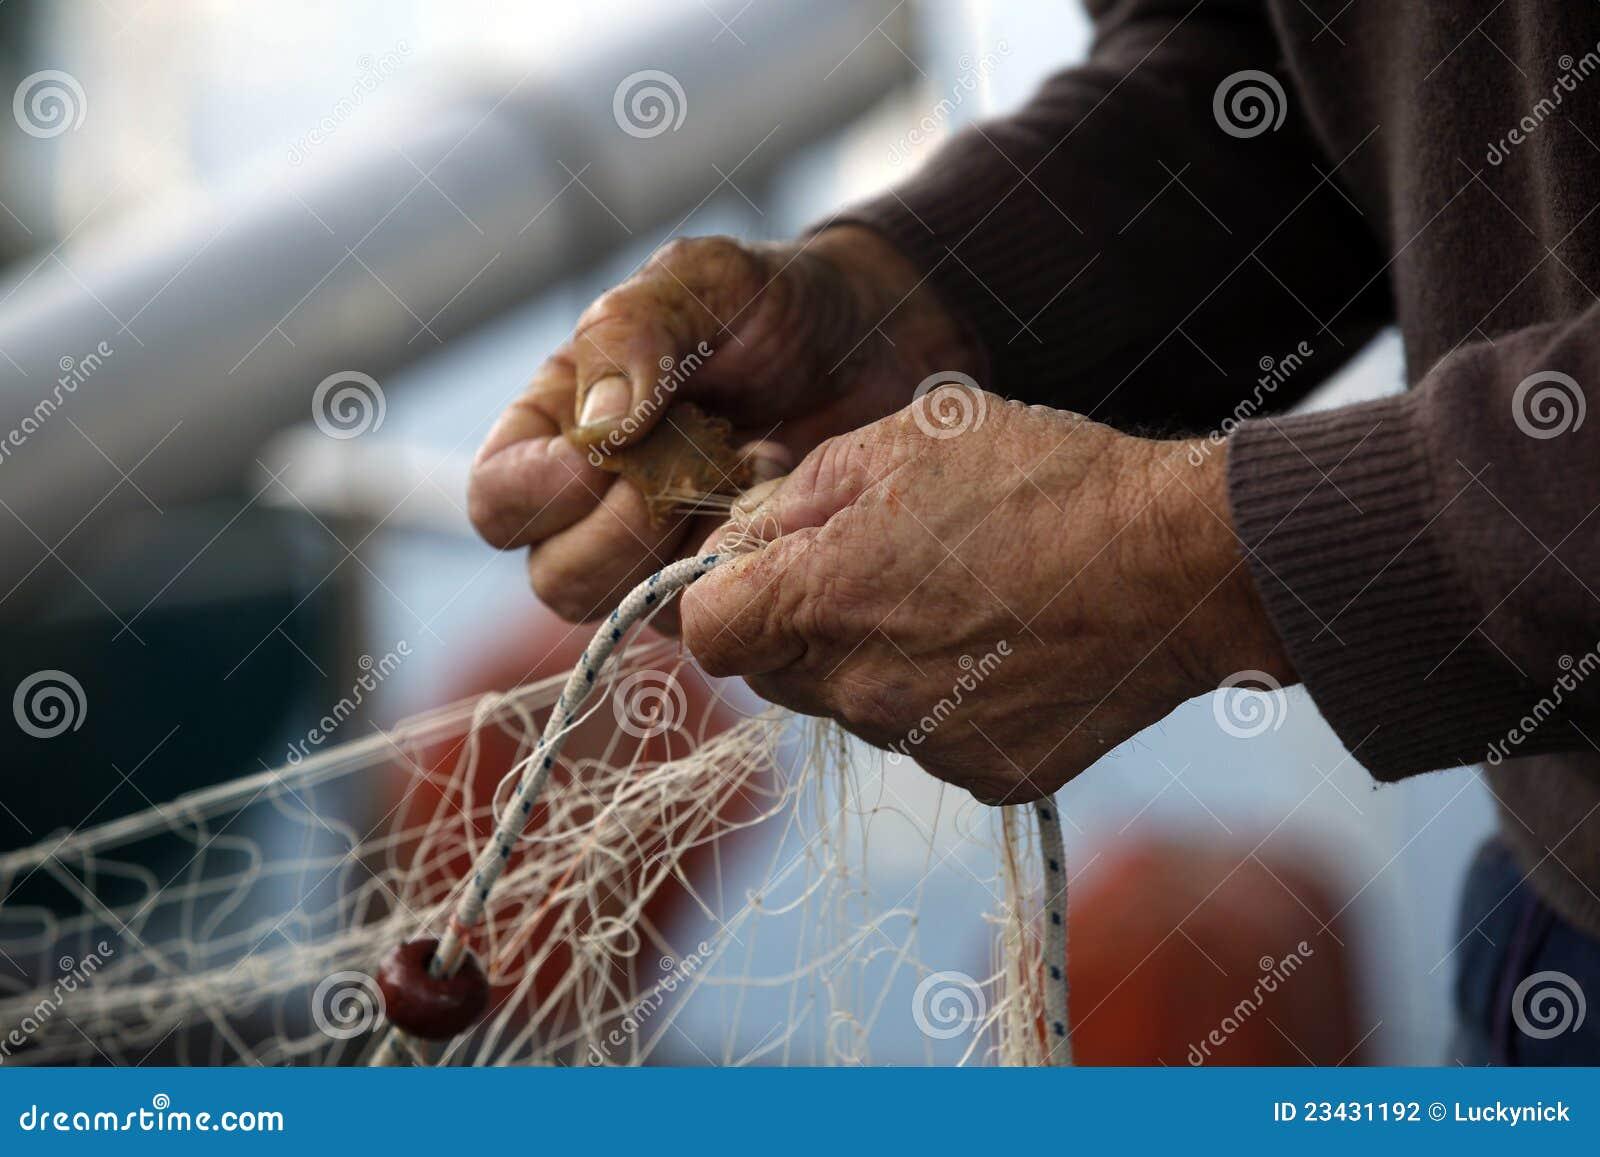 Hands of fisherman